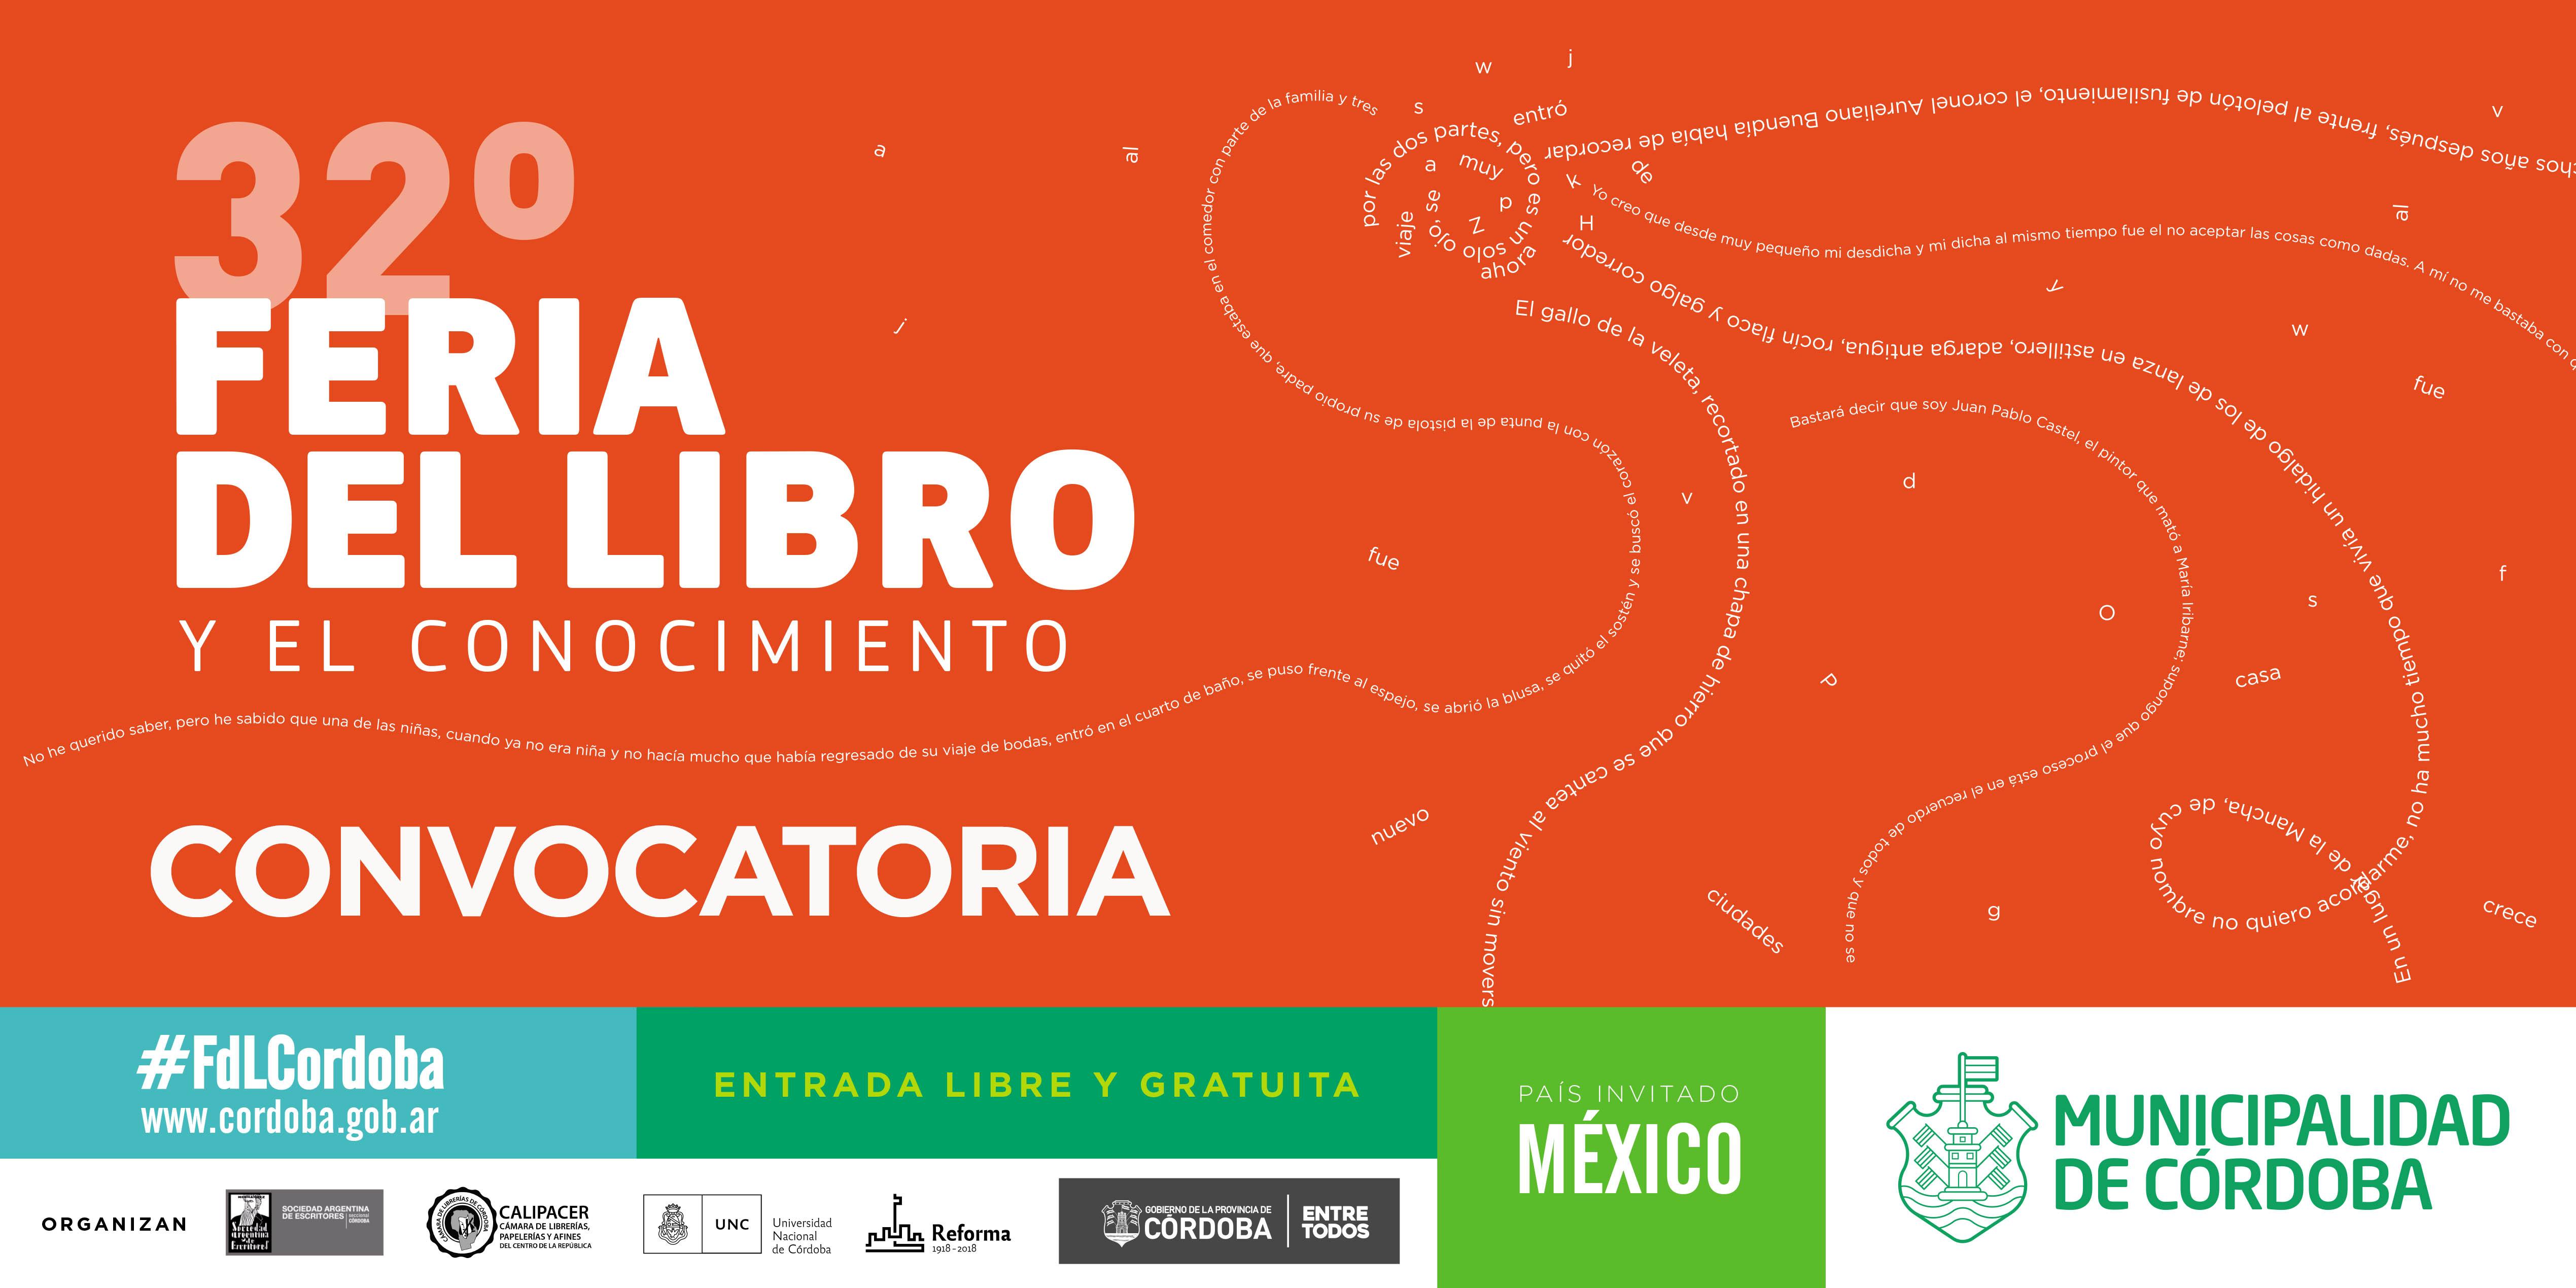 Última semana para participar de la 32ª Feria del Libro Córdoba 2017